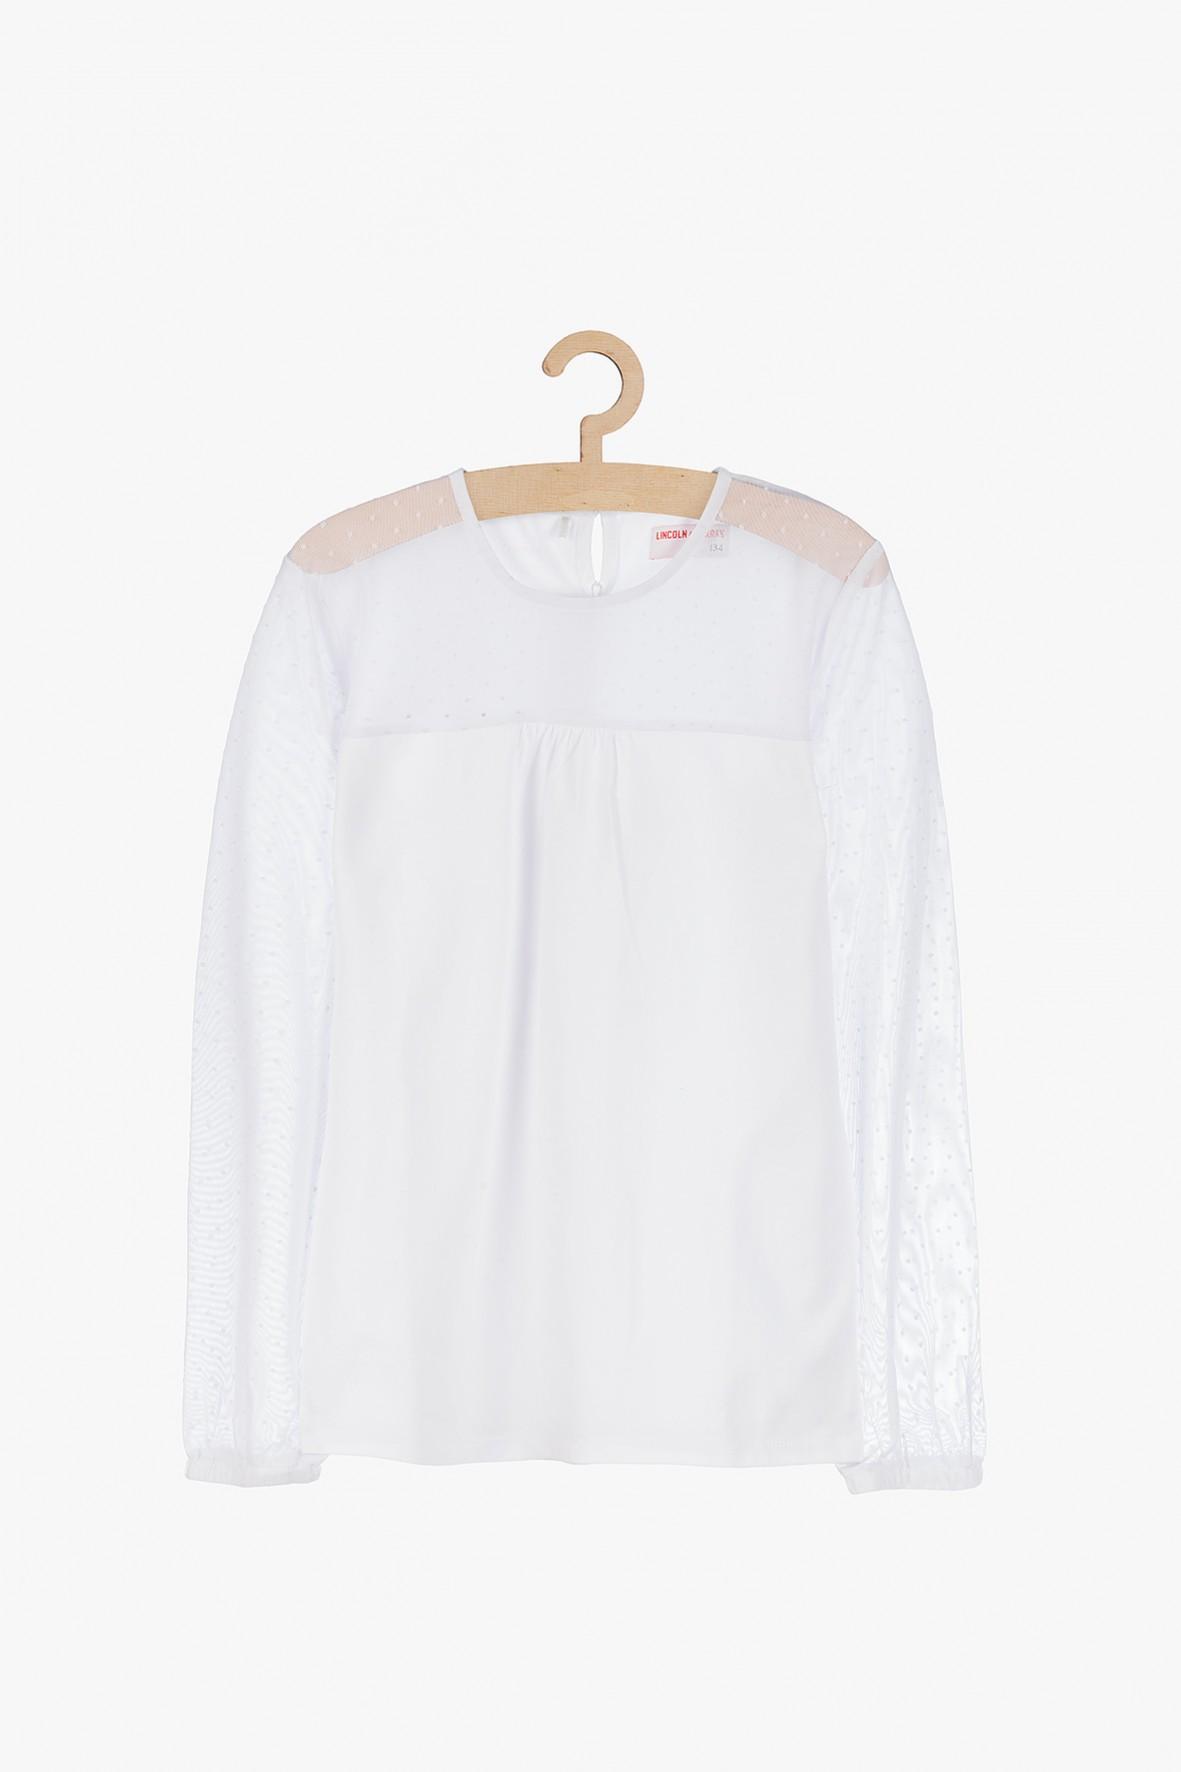 Bluzka dziewczęca biała z tiulową górą i rękawami